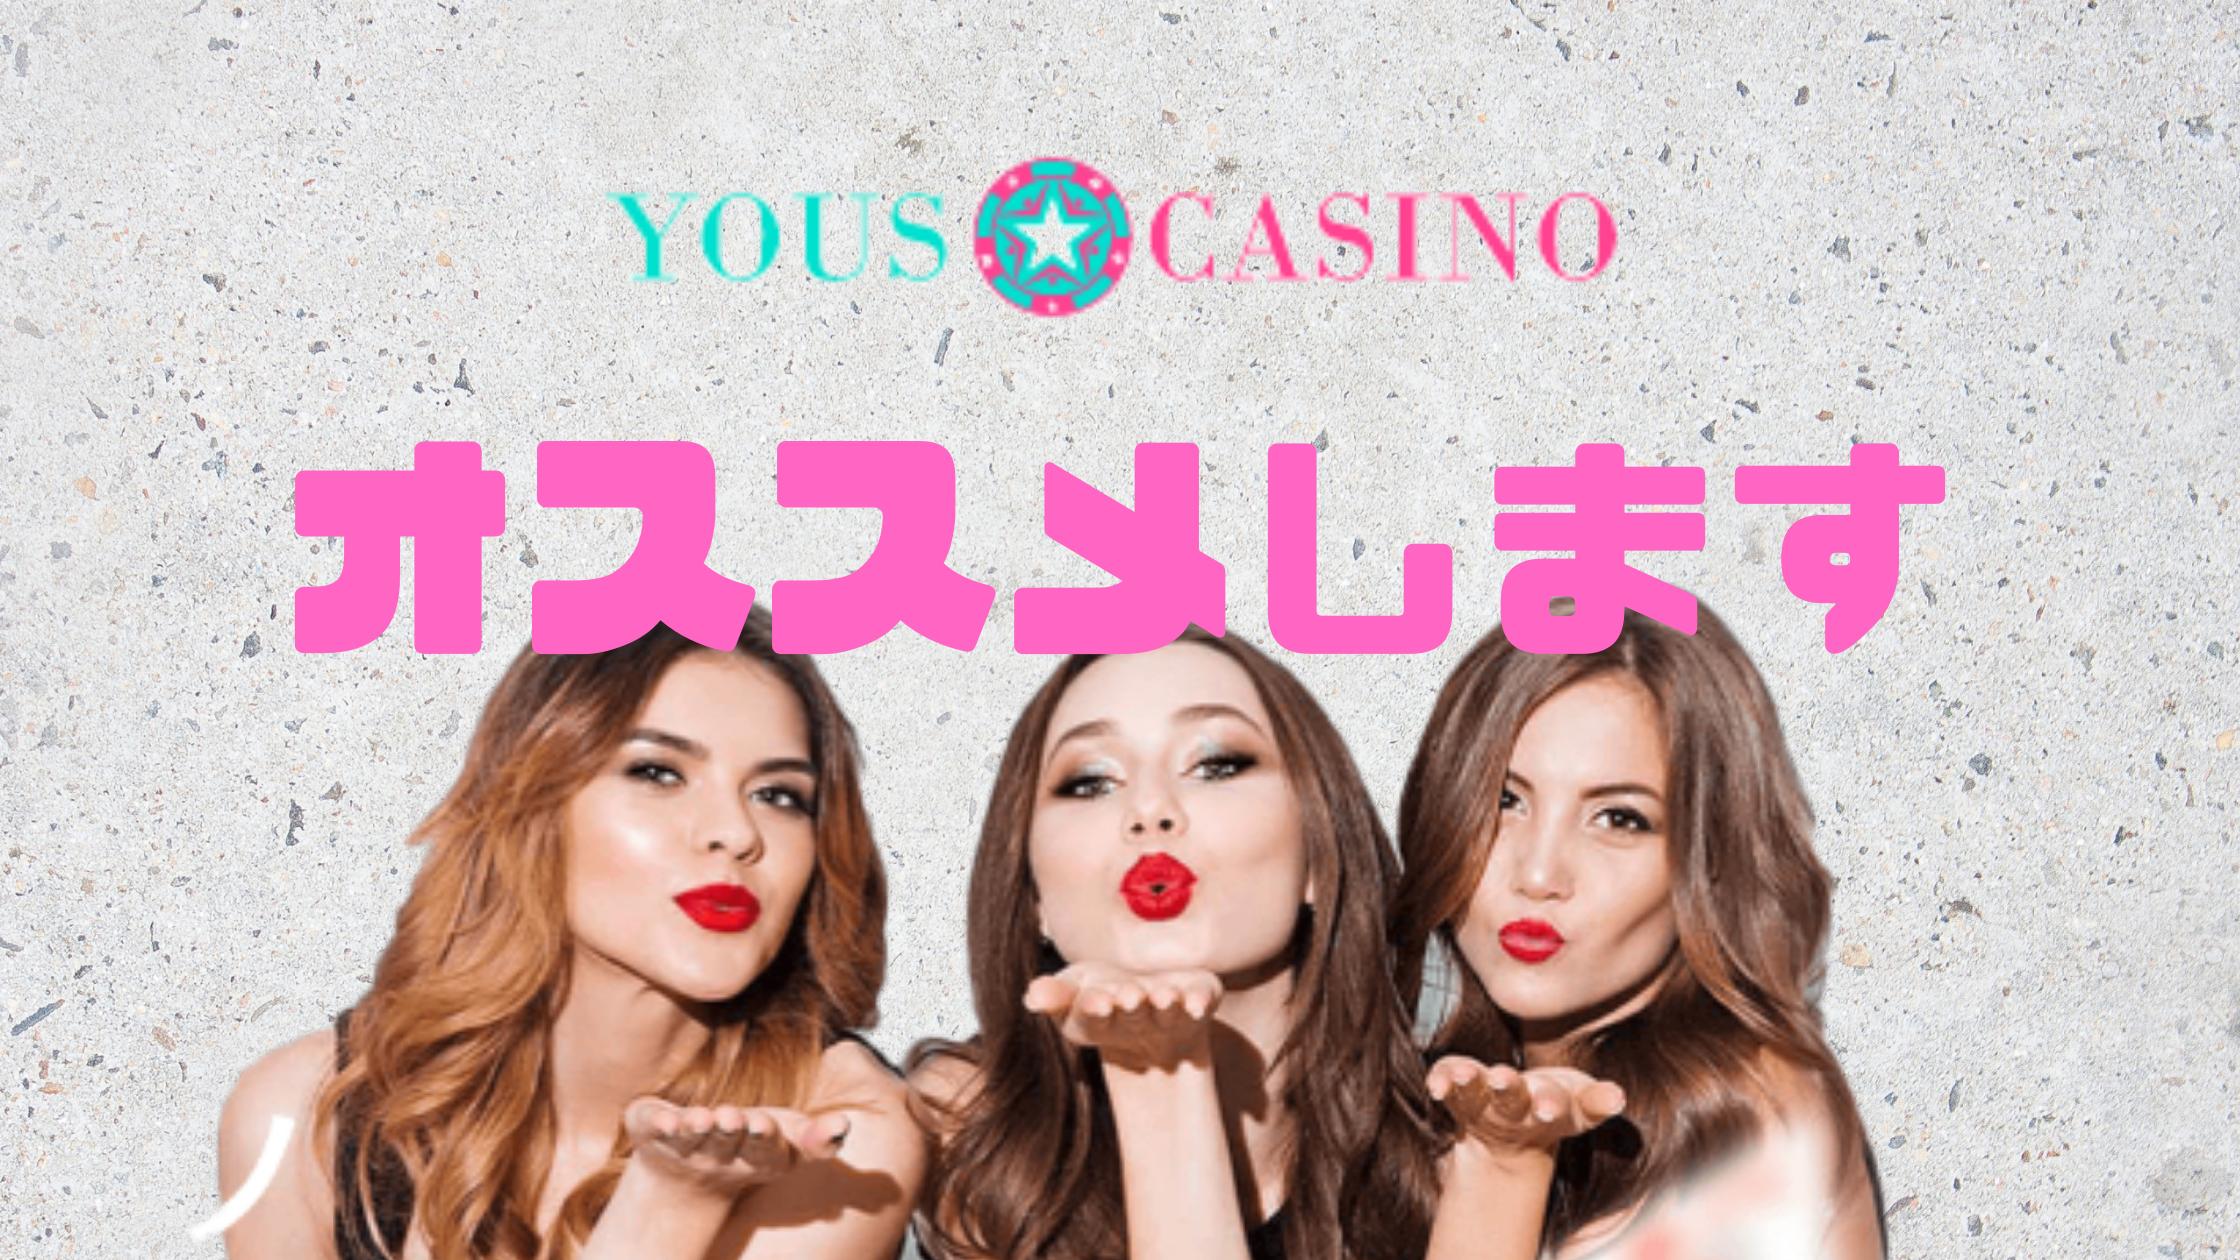 ユースカジノ(YOURS CASINO)ボーナス情報など徹底解説!!